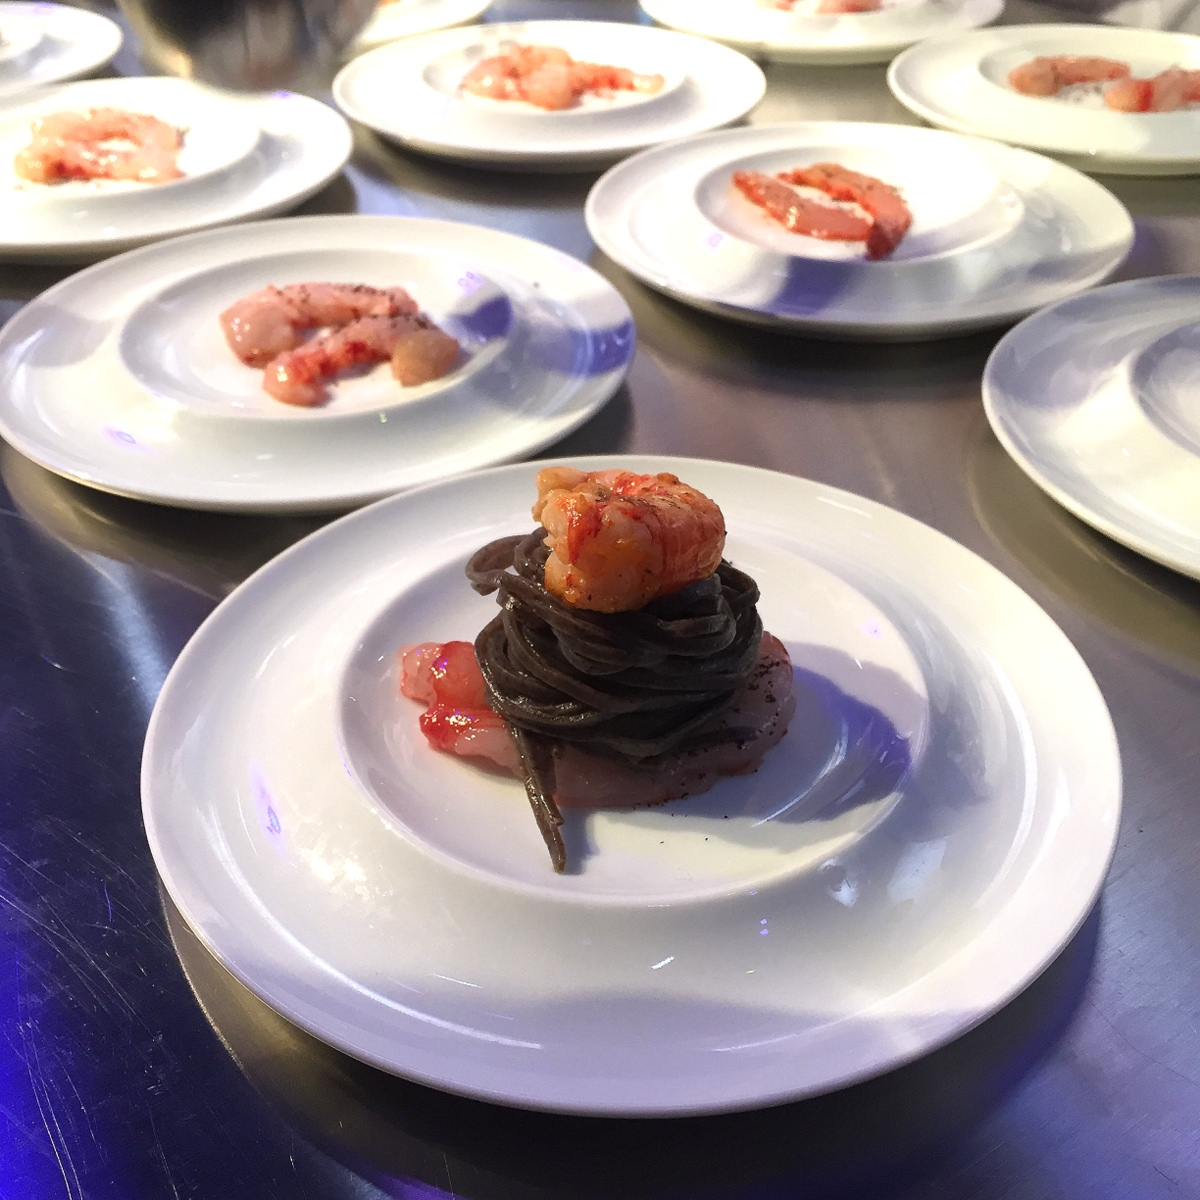 Taglioni au café, gamberoni de Sicile et émulsion crustacée : le plat de Simone Zanoni pour la soirée de la gastronomie Lavazza